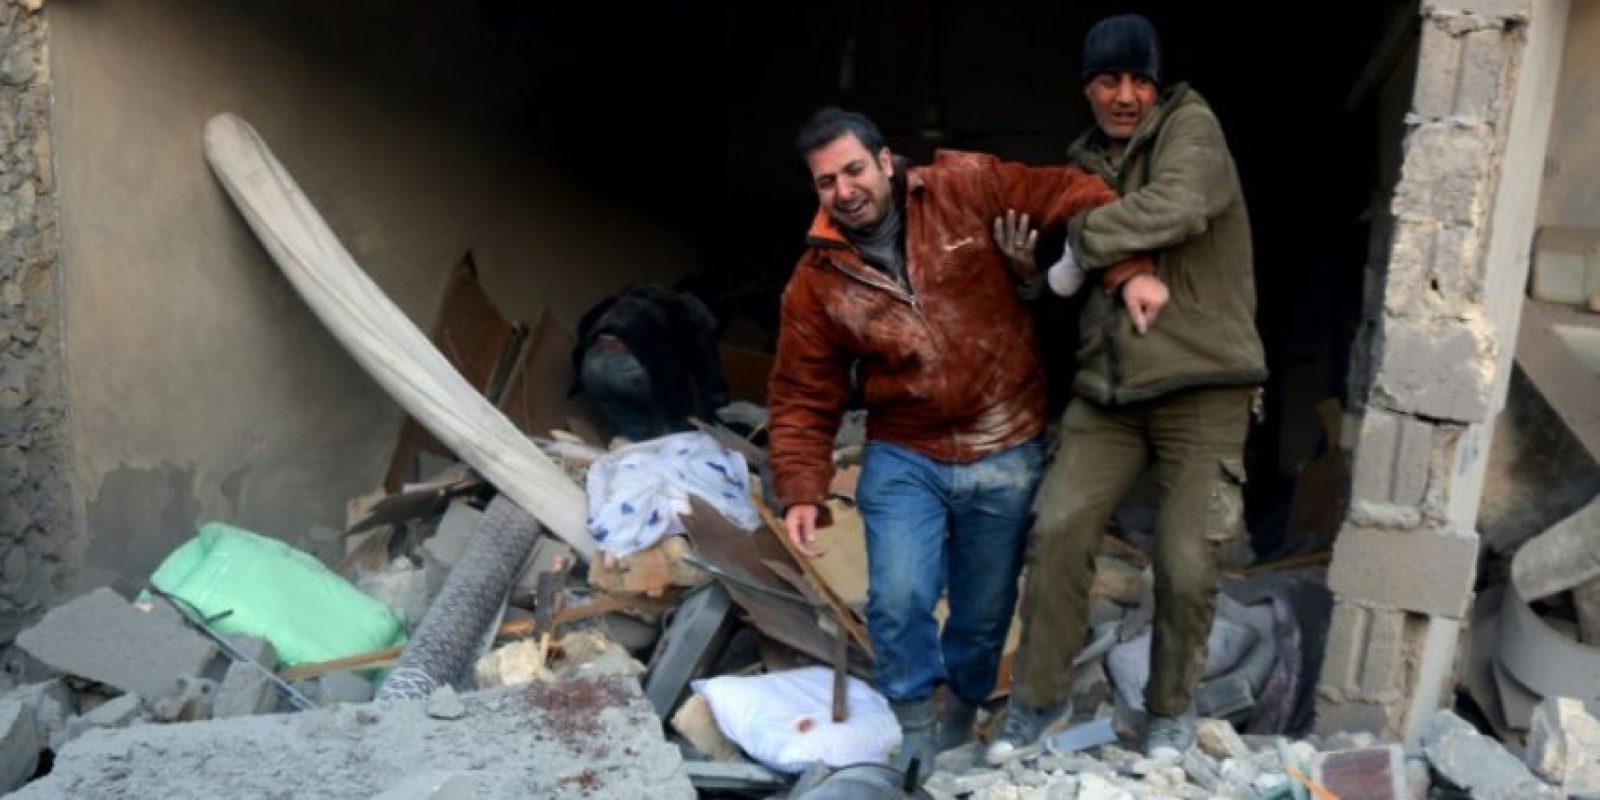 Un hombre ayuda a otro a salir de los escombros de un edificio tras ataques aéreos sobre una zona controlada por los rebeldes en Alepo, el 20 de noviembre de 2016 Foto:Thaer Mohamed/afp.com